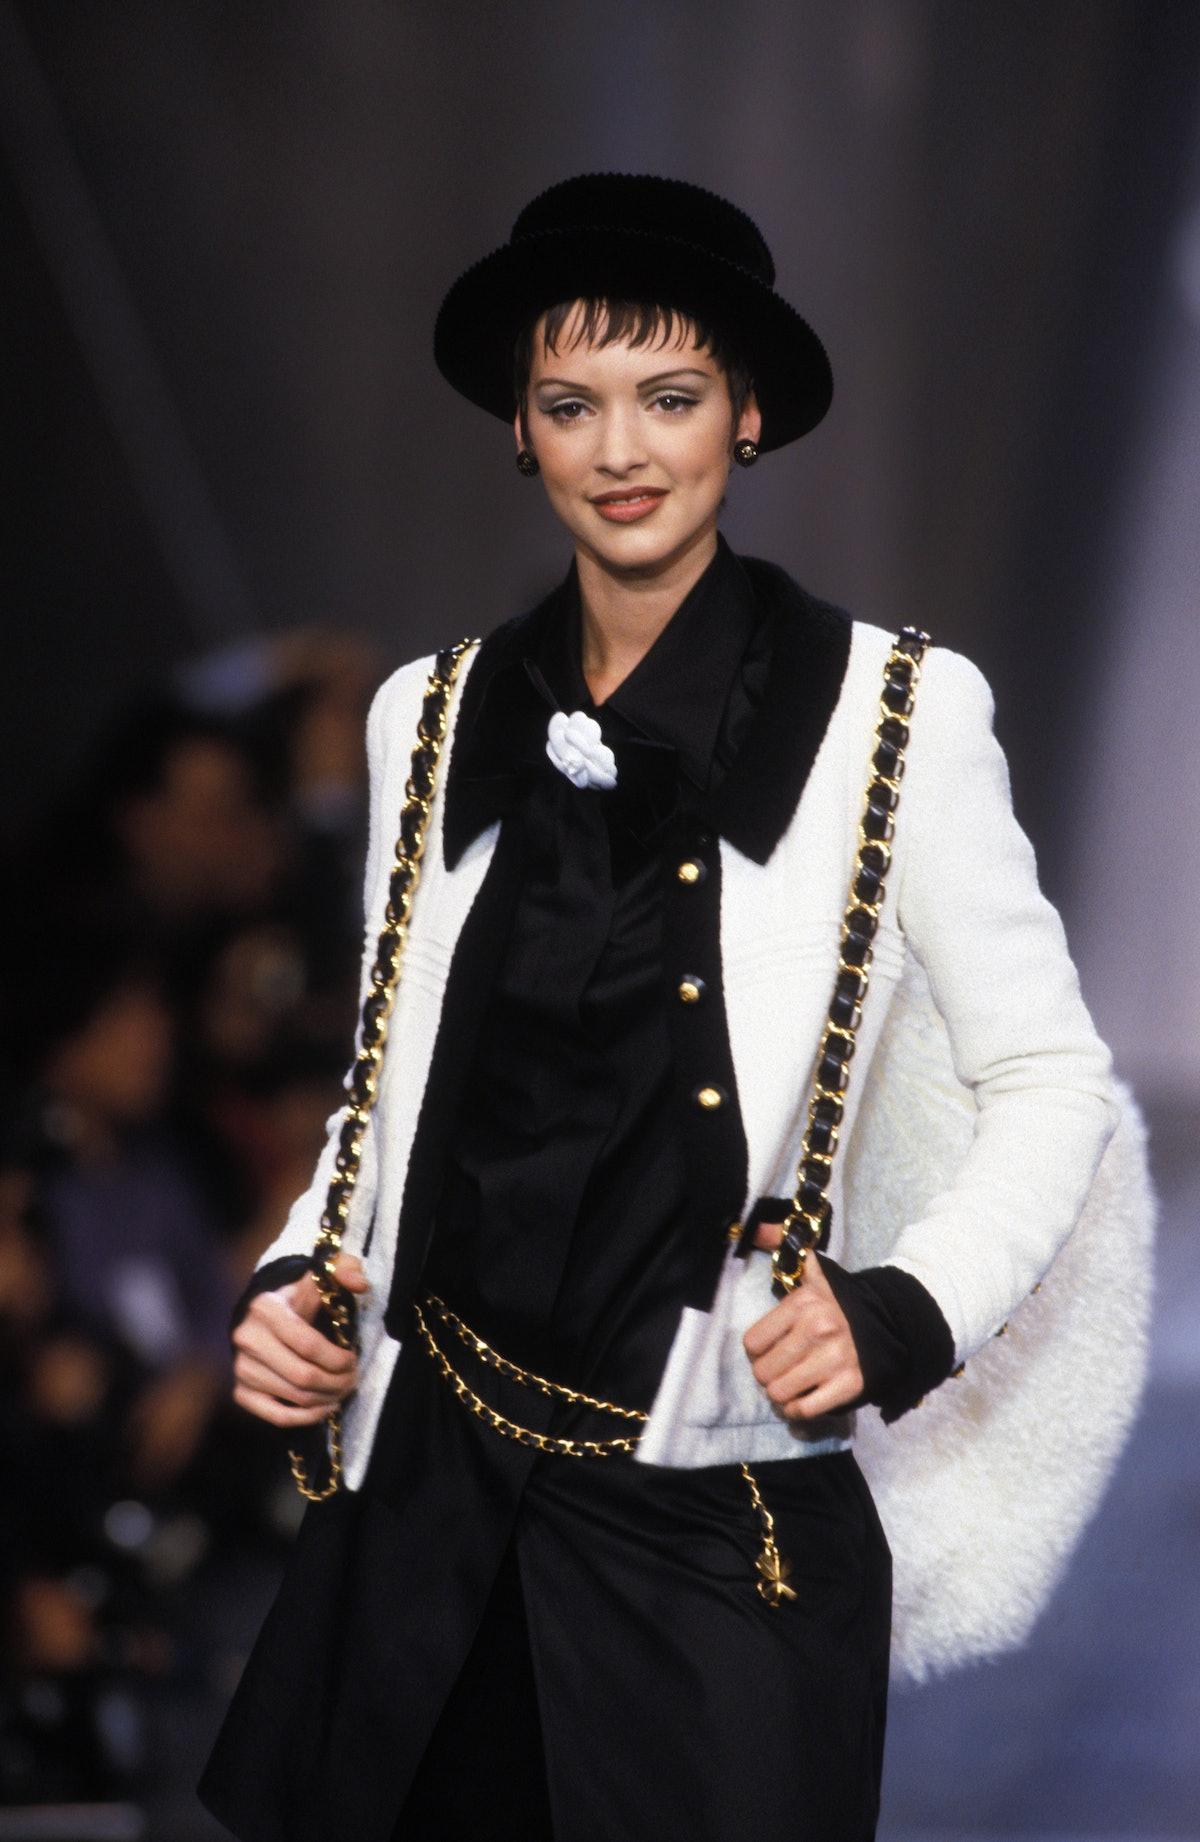 Défilé Chanel Prêt-à-porter Automne-Hiver 1993-1994